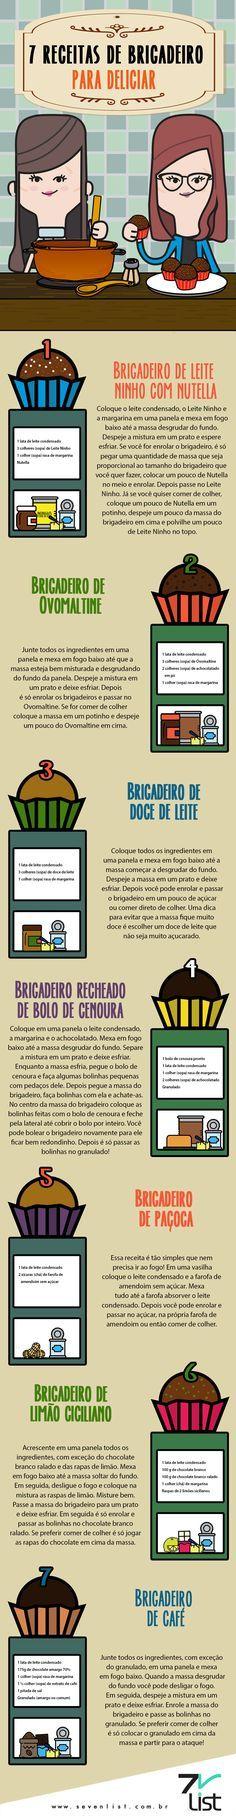 Varias receitas de brigadeiro (nutella cafe mug cakes)